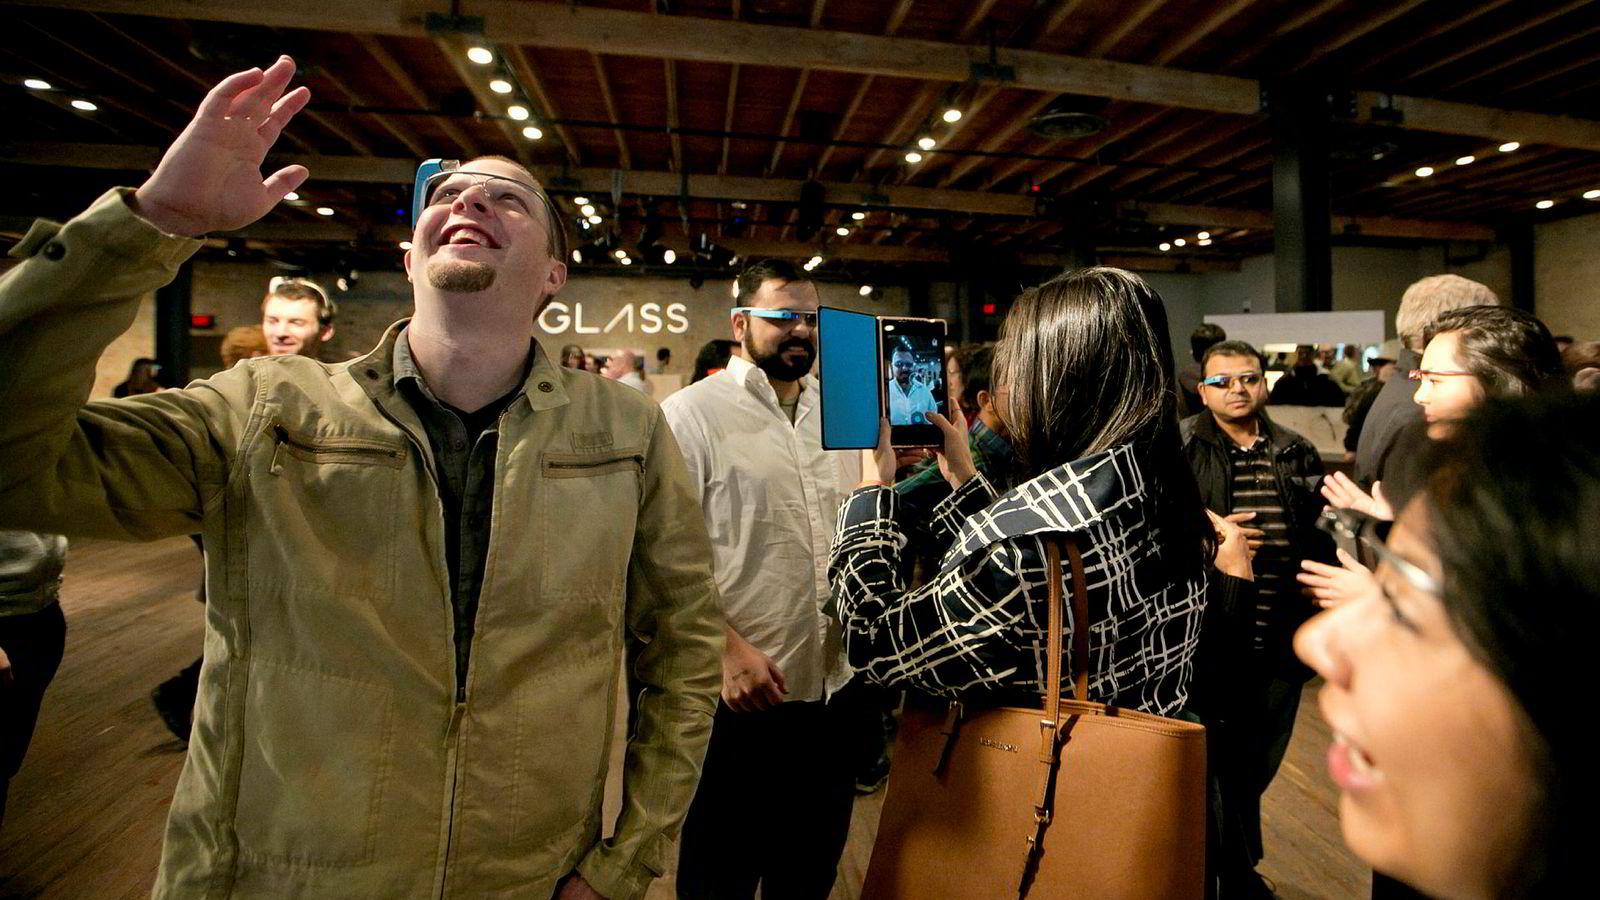 Det neste store innen datateknologi blir utvidet eller blandet virkelighet, og forfatteren spår at Apple kommer til å lansere Apple iGlass i løpet av to år. Google har allerede i flere år utviklet sin brille med innebygget datamaskin, under produktnavnet «Google Glass».